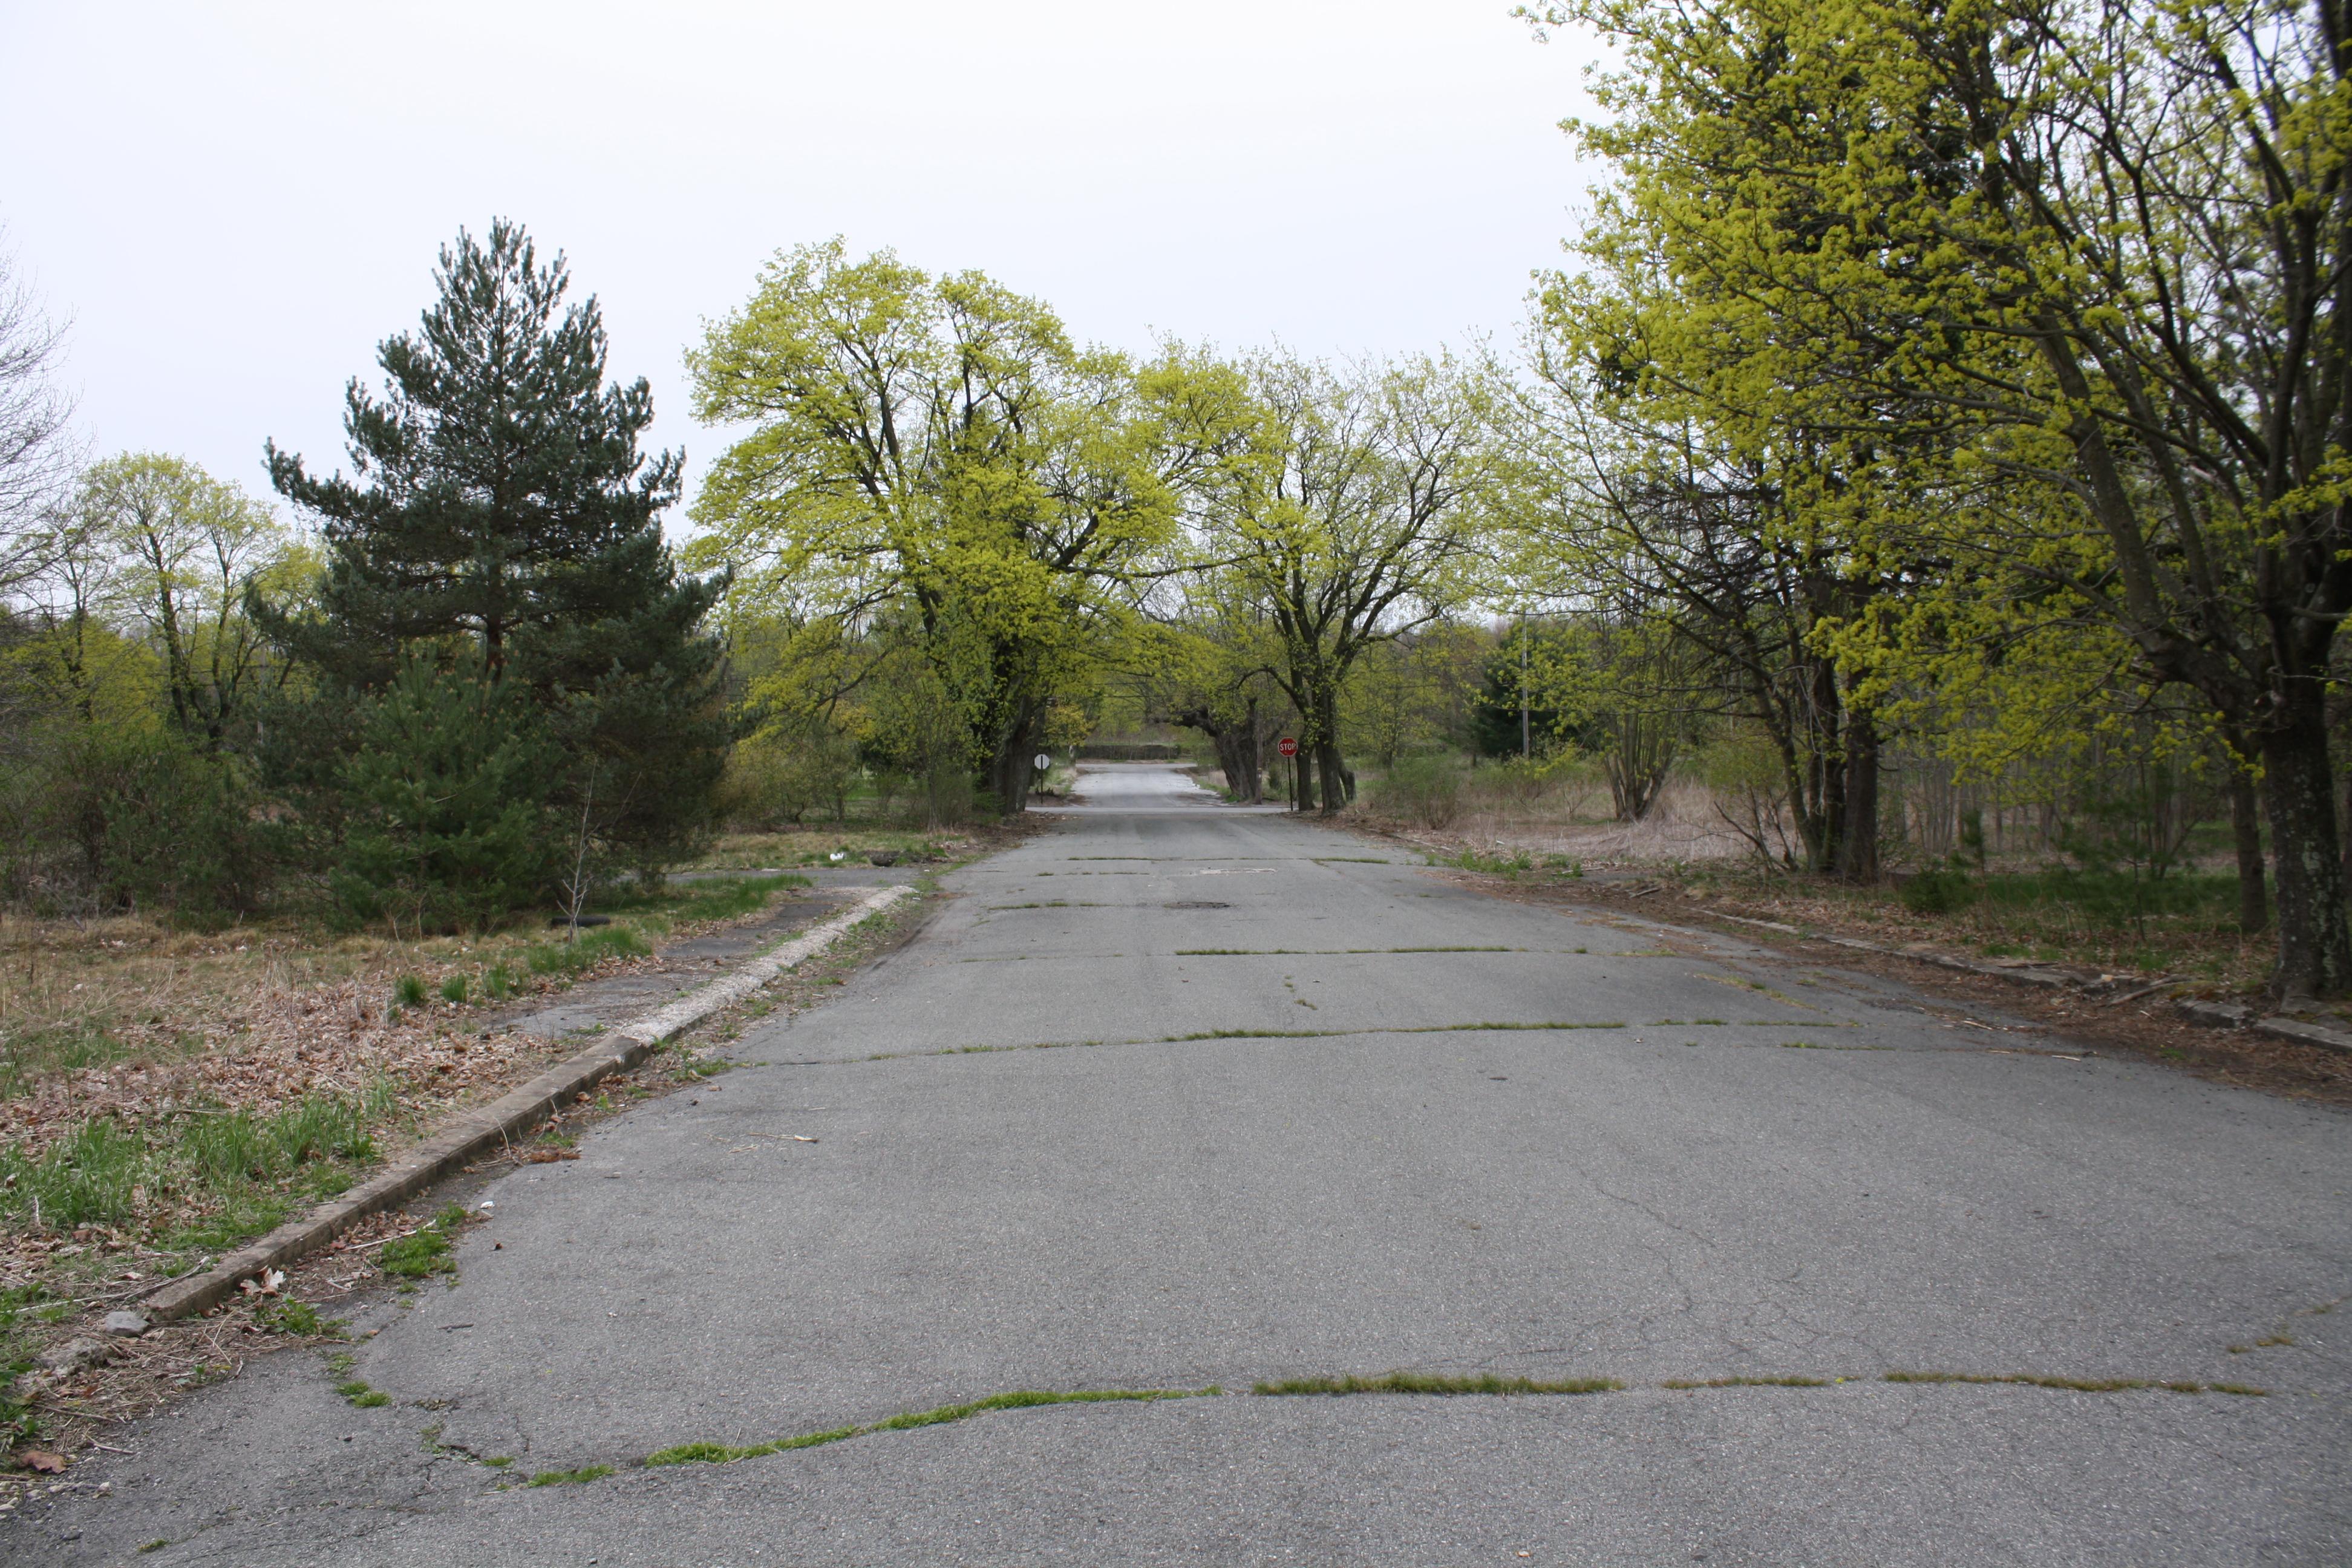 Eine Kreuzung mit Staßenschildern -aber ohne Verkehr.